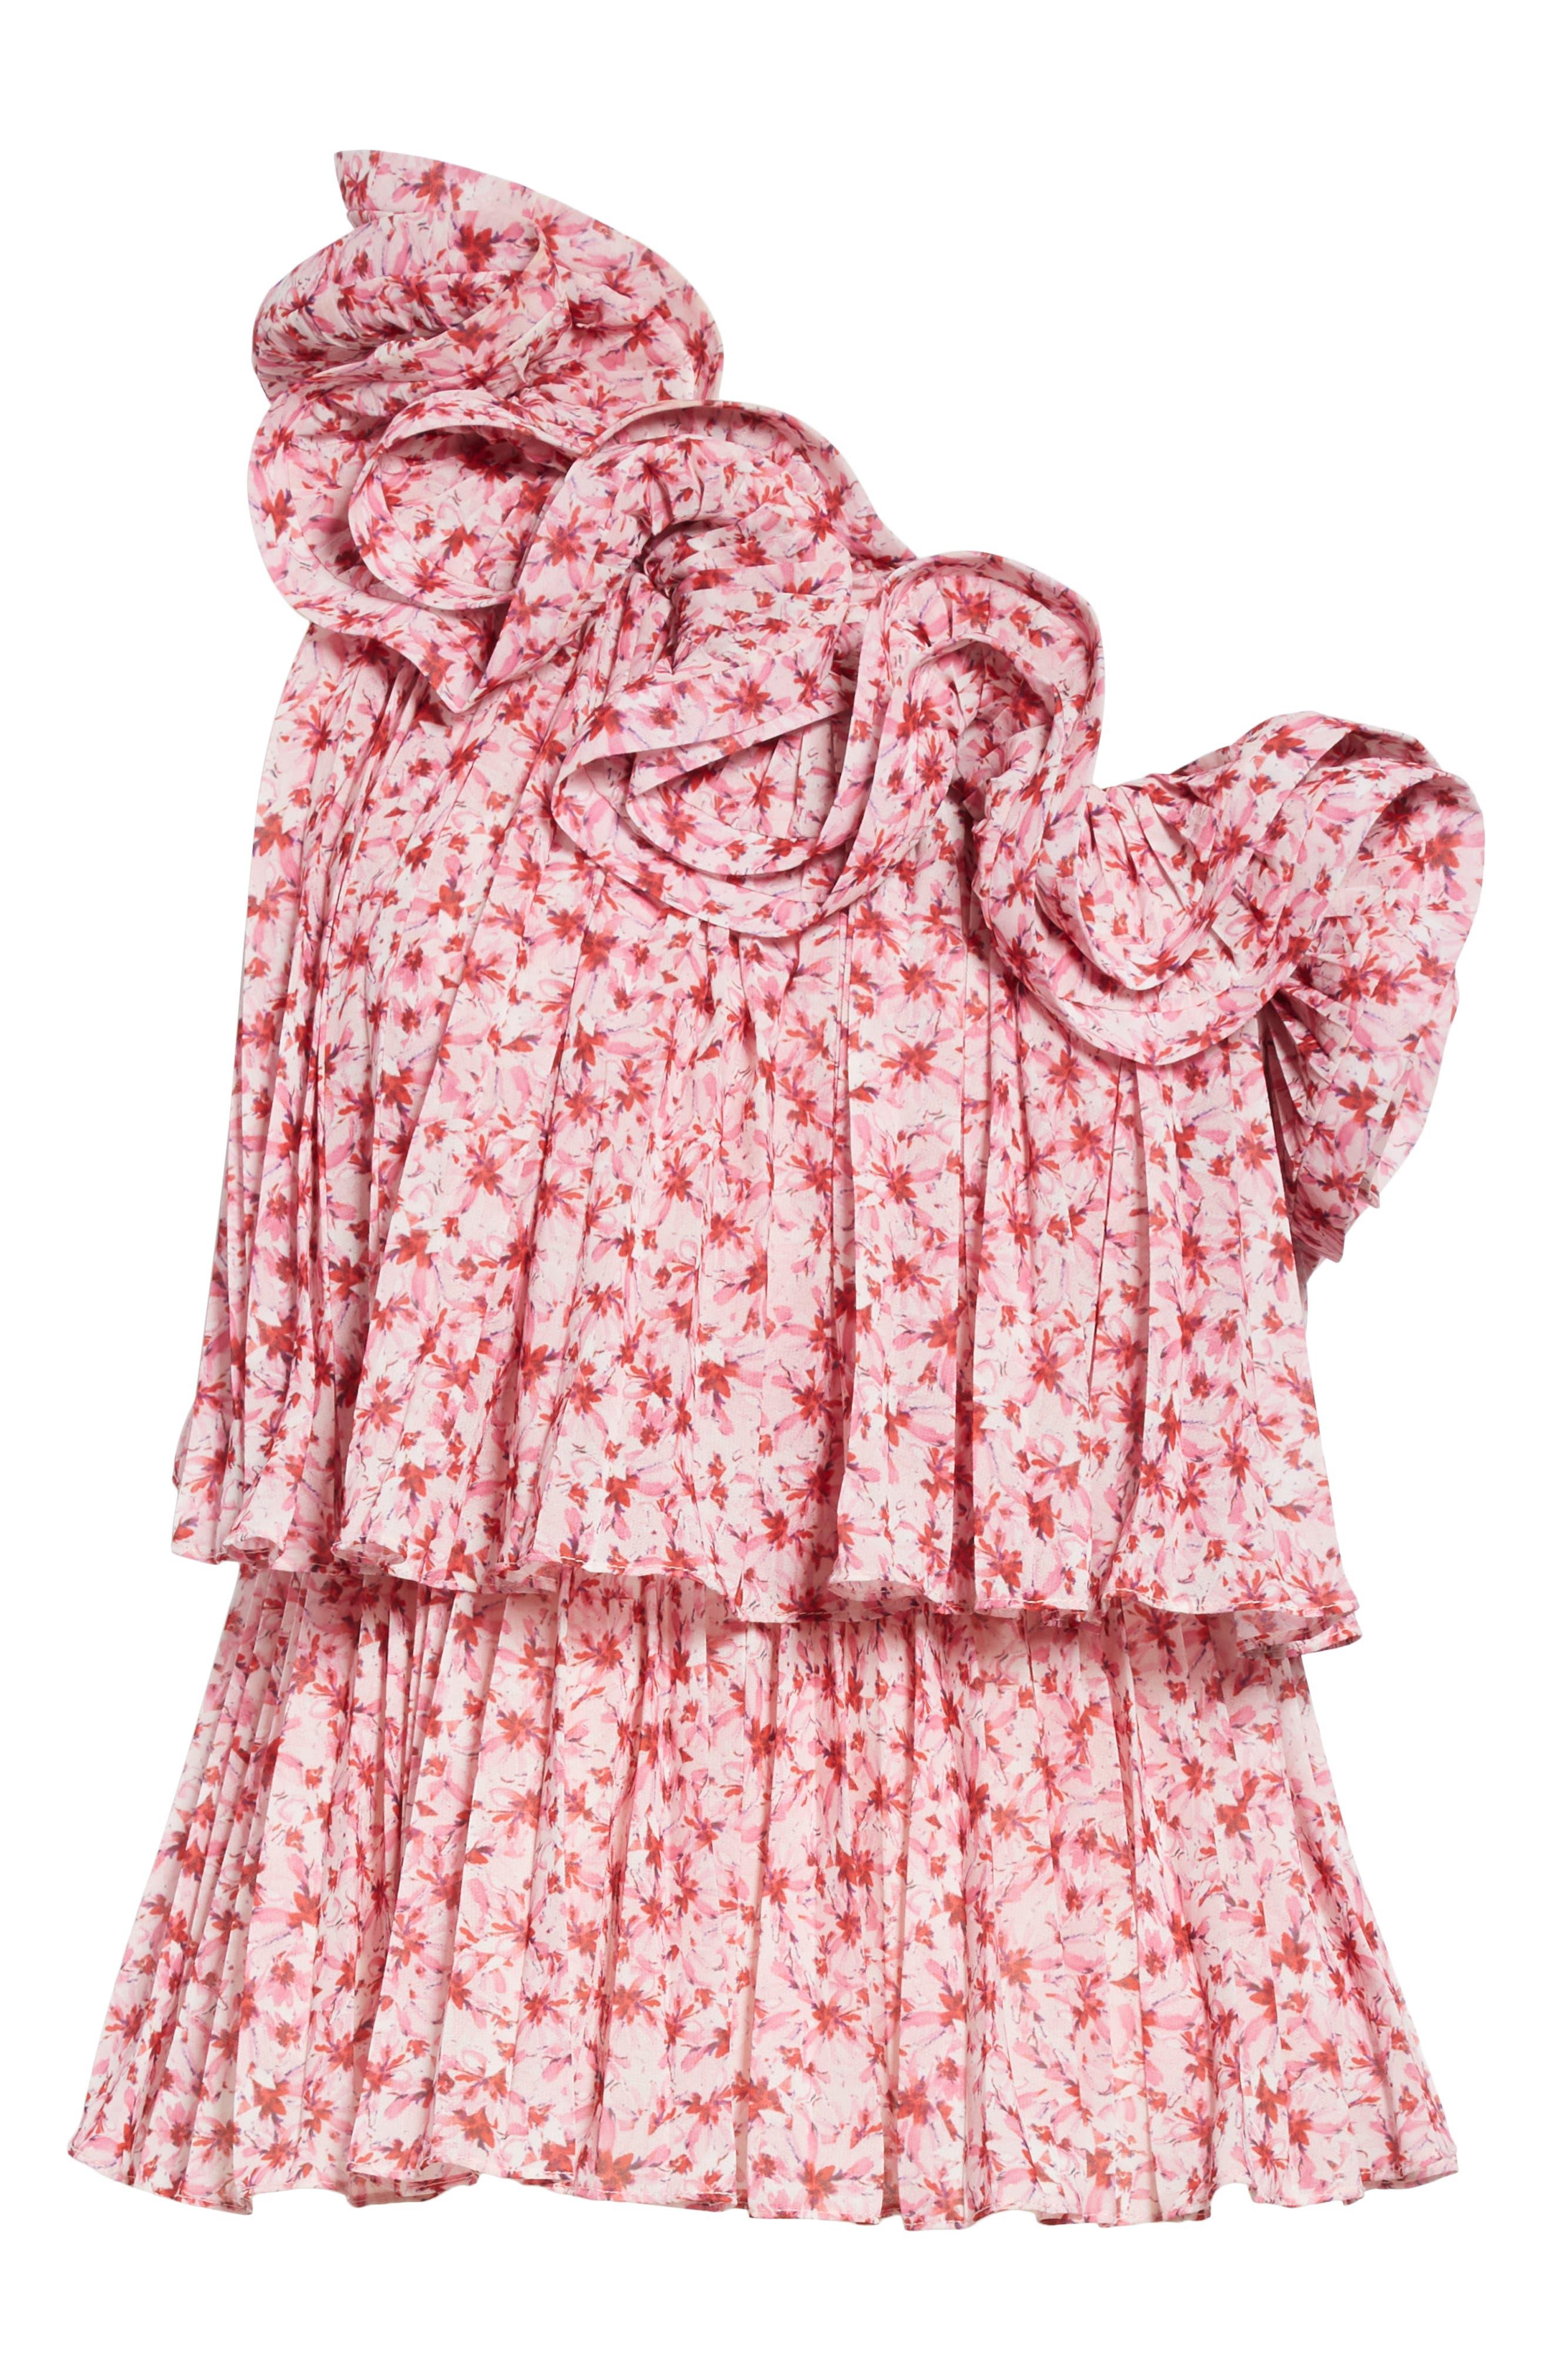 AMUR, Portia Floral Print One-Shoulder Top, Alternate thumbnail 6, color, PINK